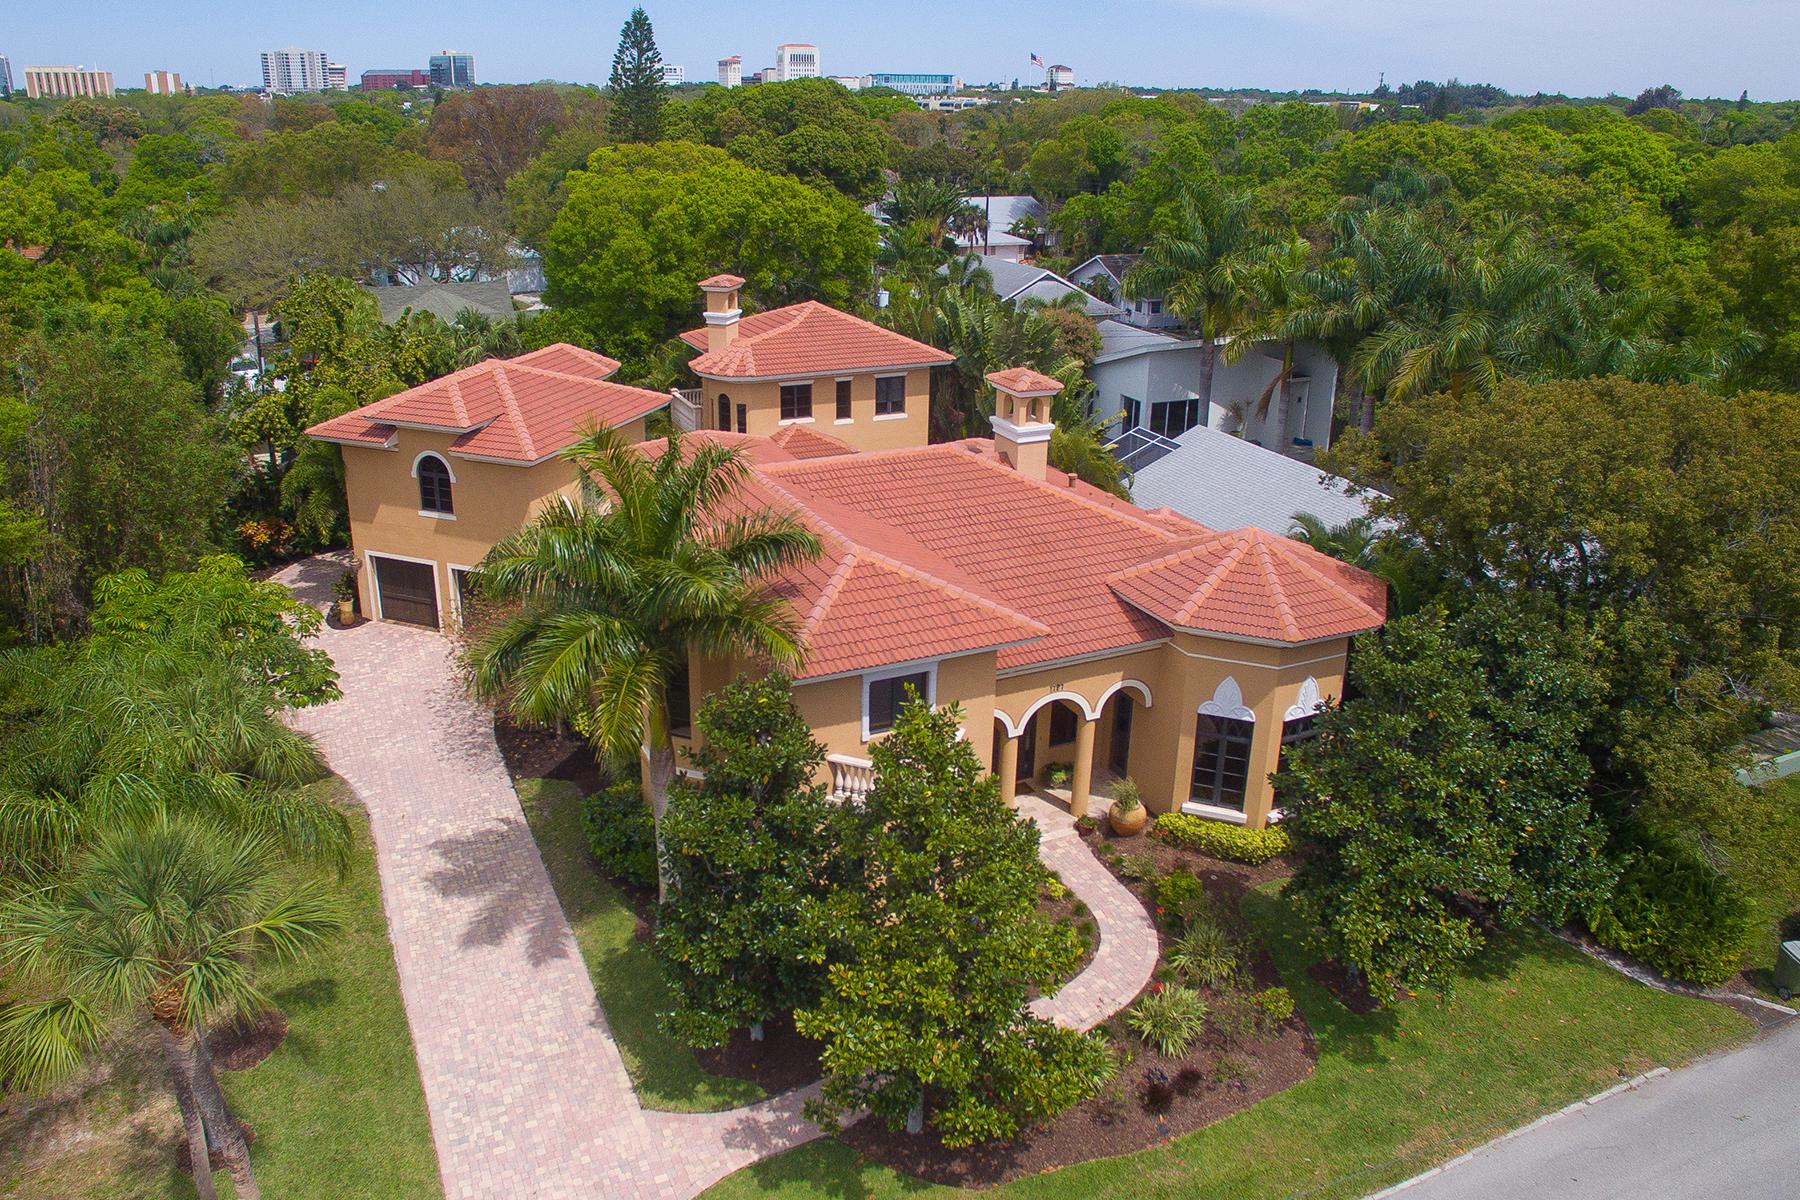 Casa para uma família para Venda às GRAHAM HEIGHTS 1727 Bahia Vista St Sarasota, Florida, 34239 Estados Unidos